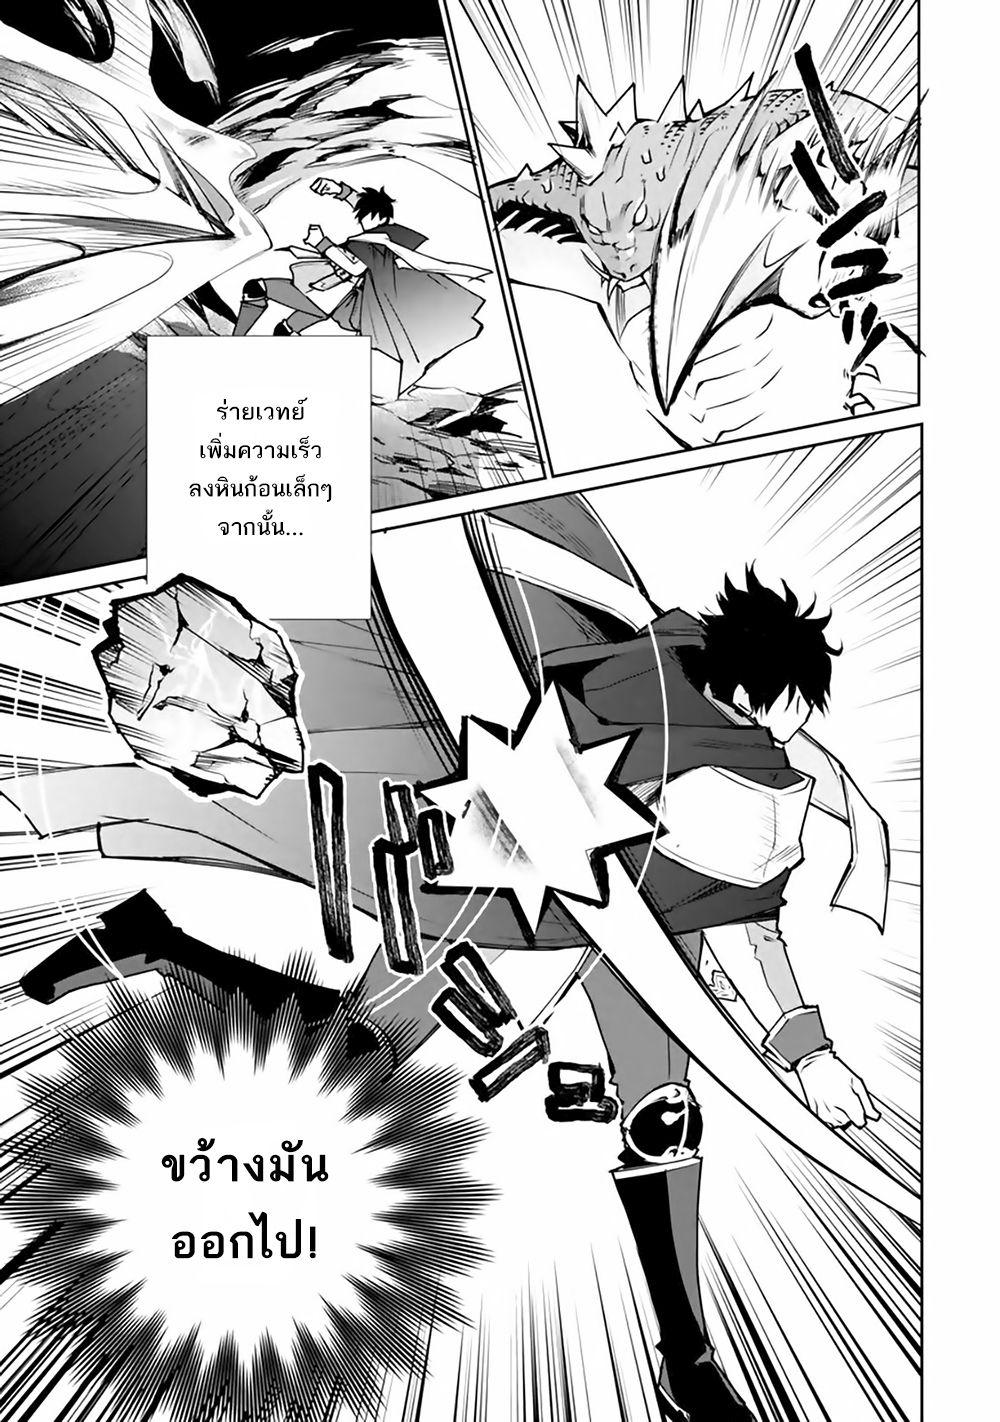 อ่านการ์ตูน Saikyo no mado-shi. Hiza ni ya o ukete shimattanode inaka no eihei ni naru ตอนที่ 1.3 หน้าที่ 4